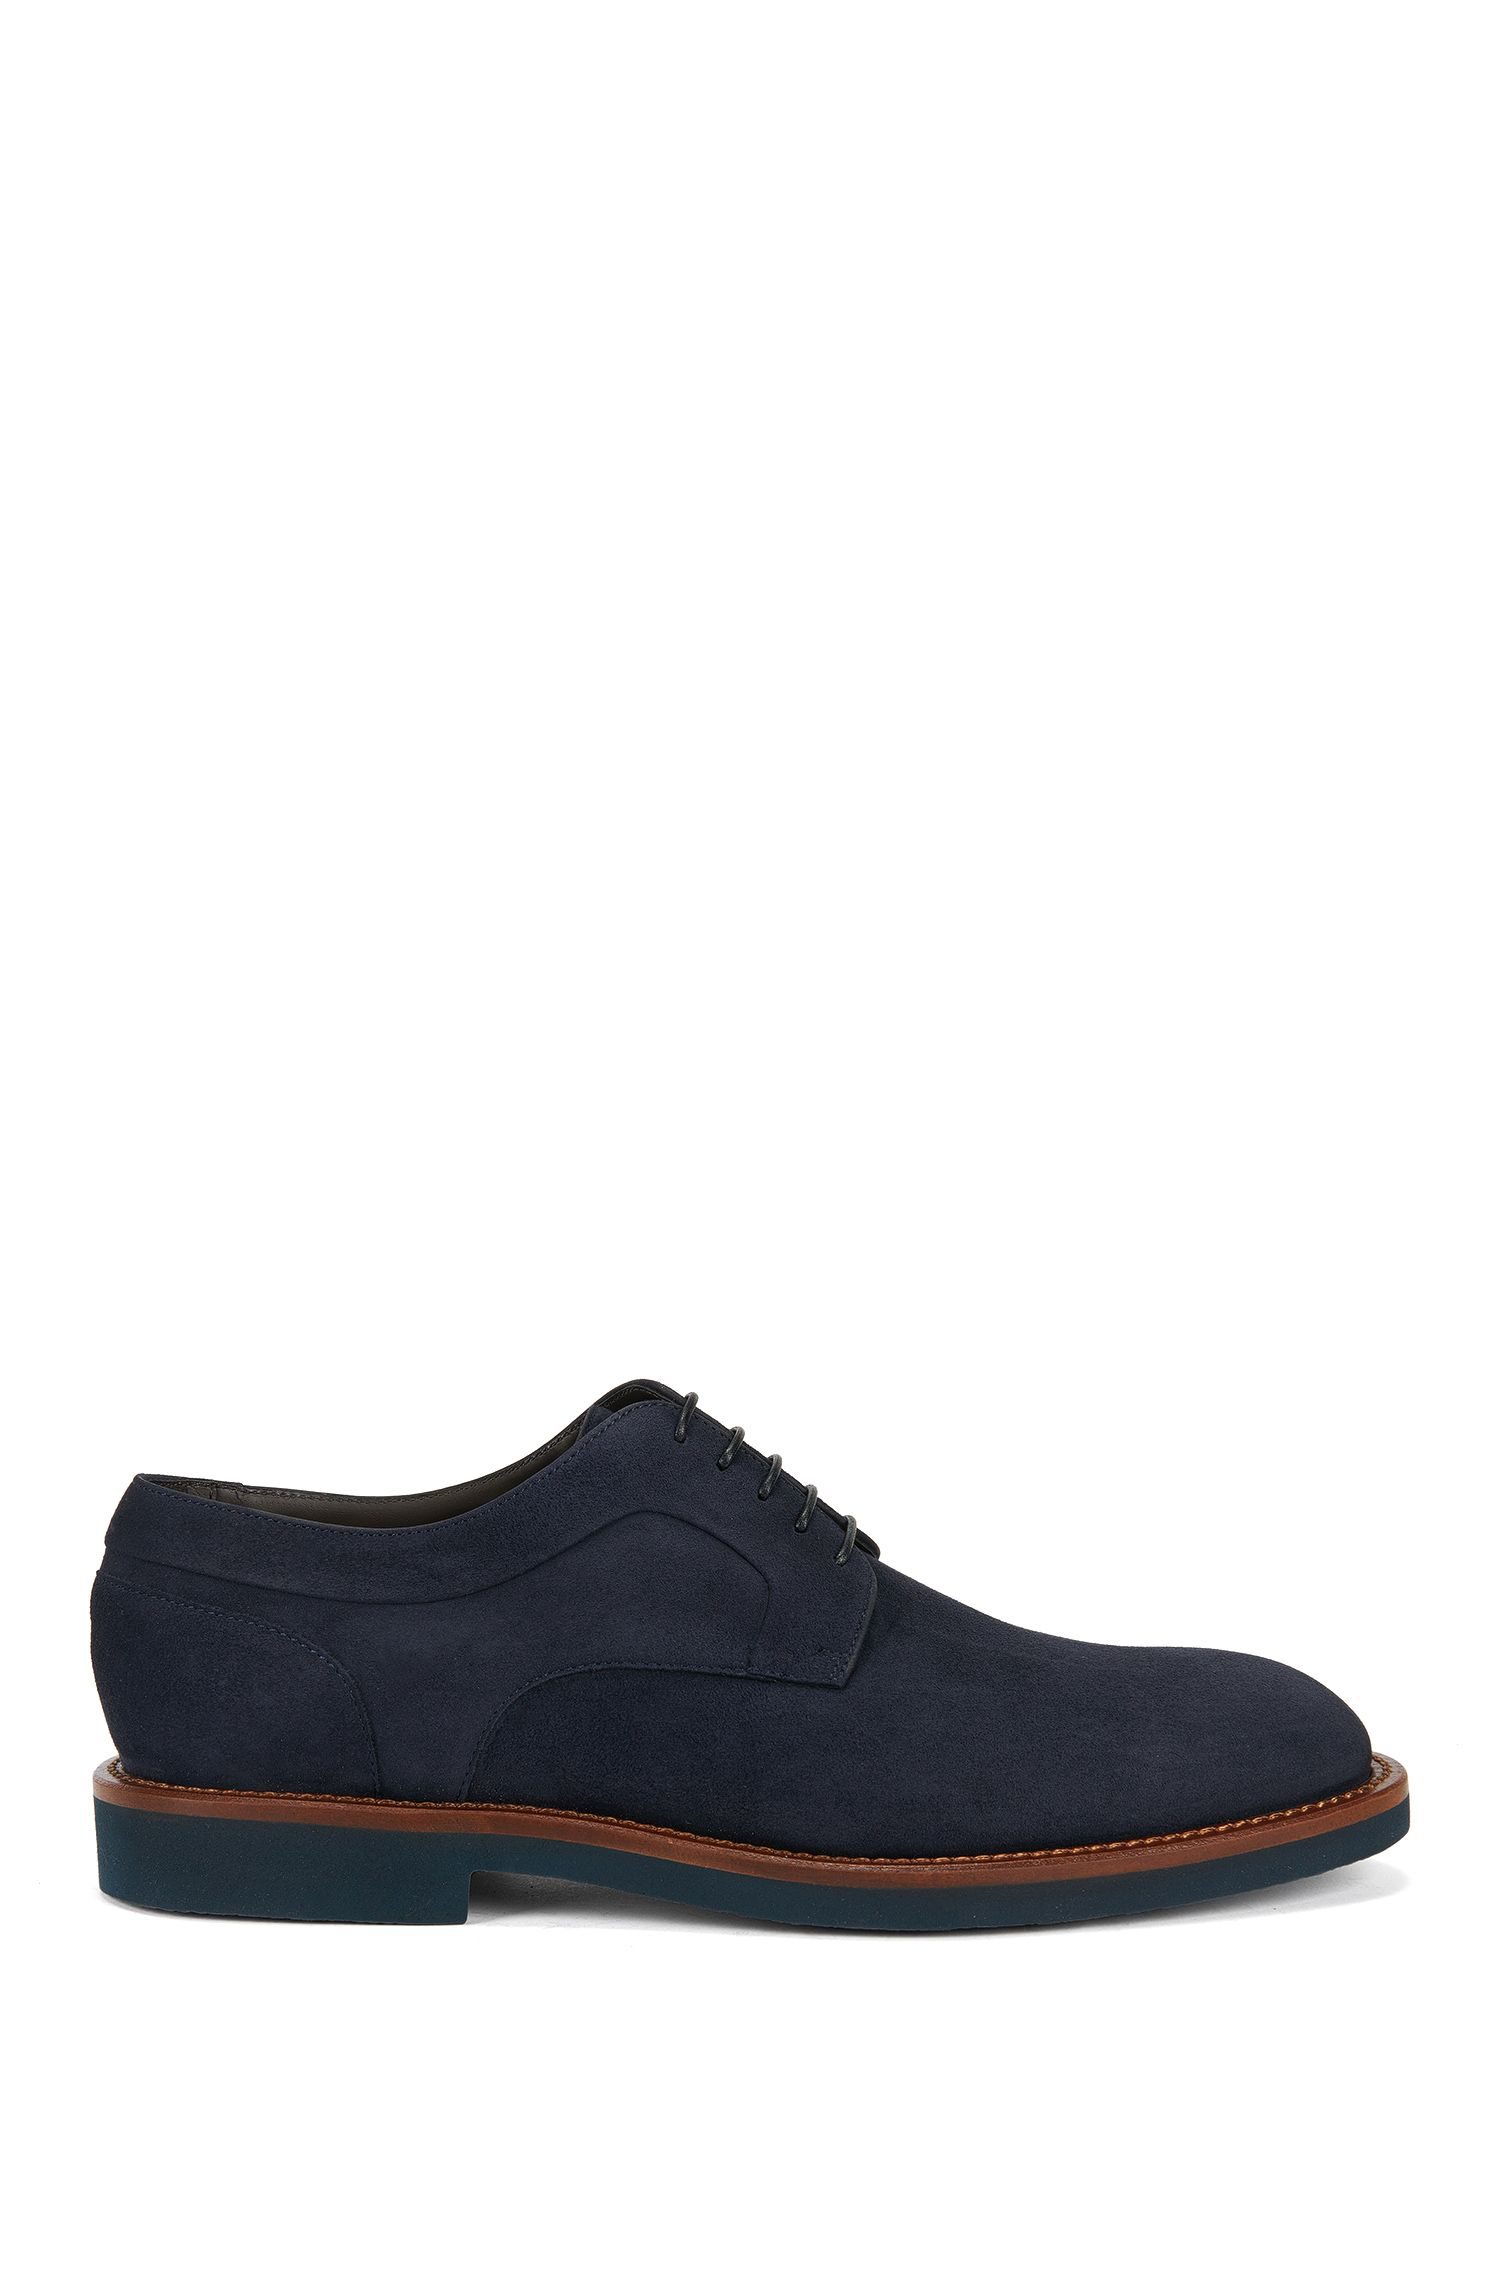 Nubuck Leather Derby Shoe | Eden Derb Sdg